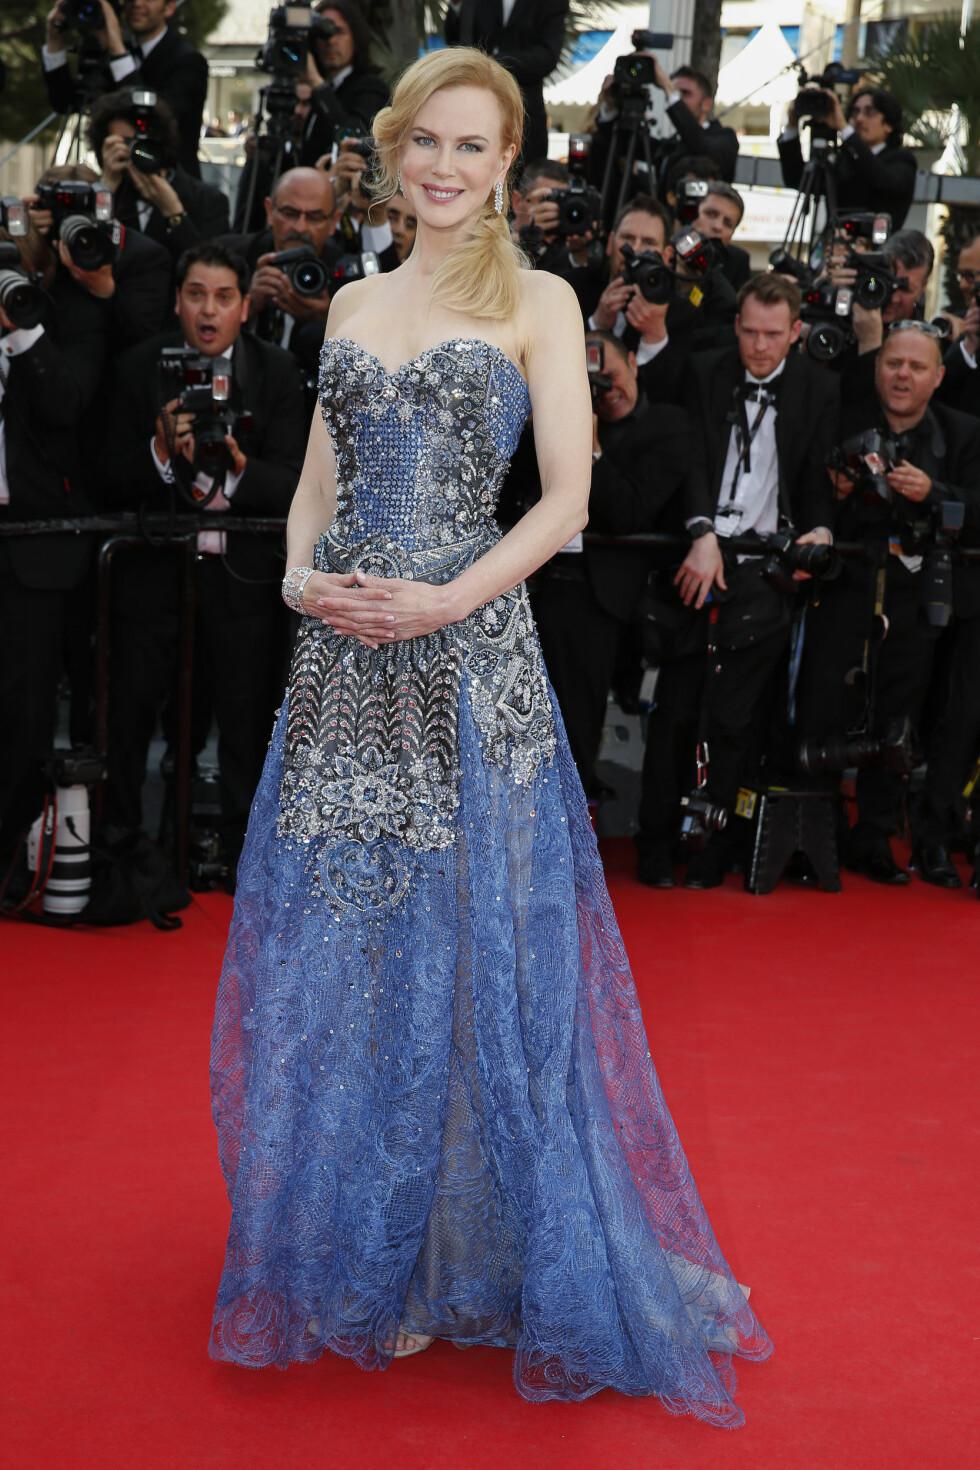 «Grace of Monaco»-skuespilleren kom på sin egen premiere i en himmelblå juvelbesatt Armani-kjole. Hennes blonde lokker var lagt over på den ene siden og tilbehøret var enkle diamantsmykker.  Foto: Stella Pictures